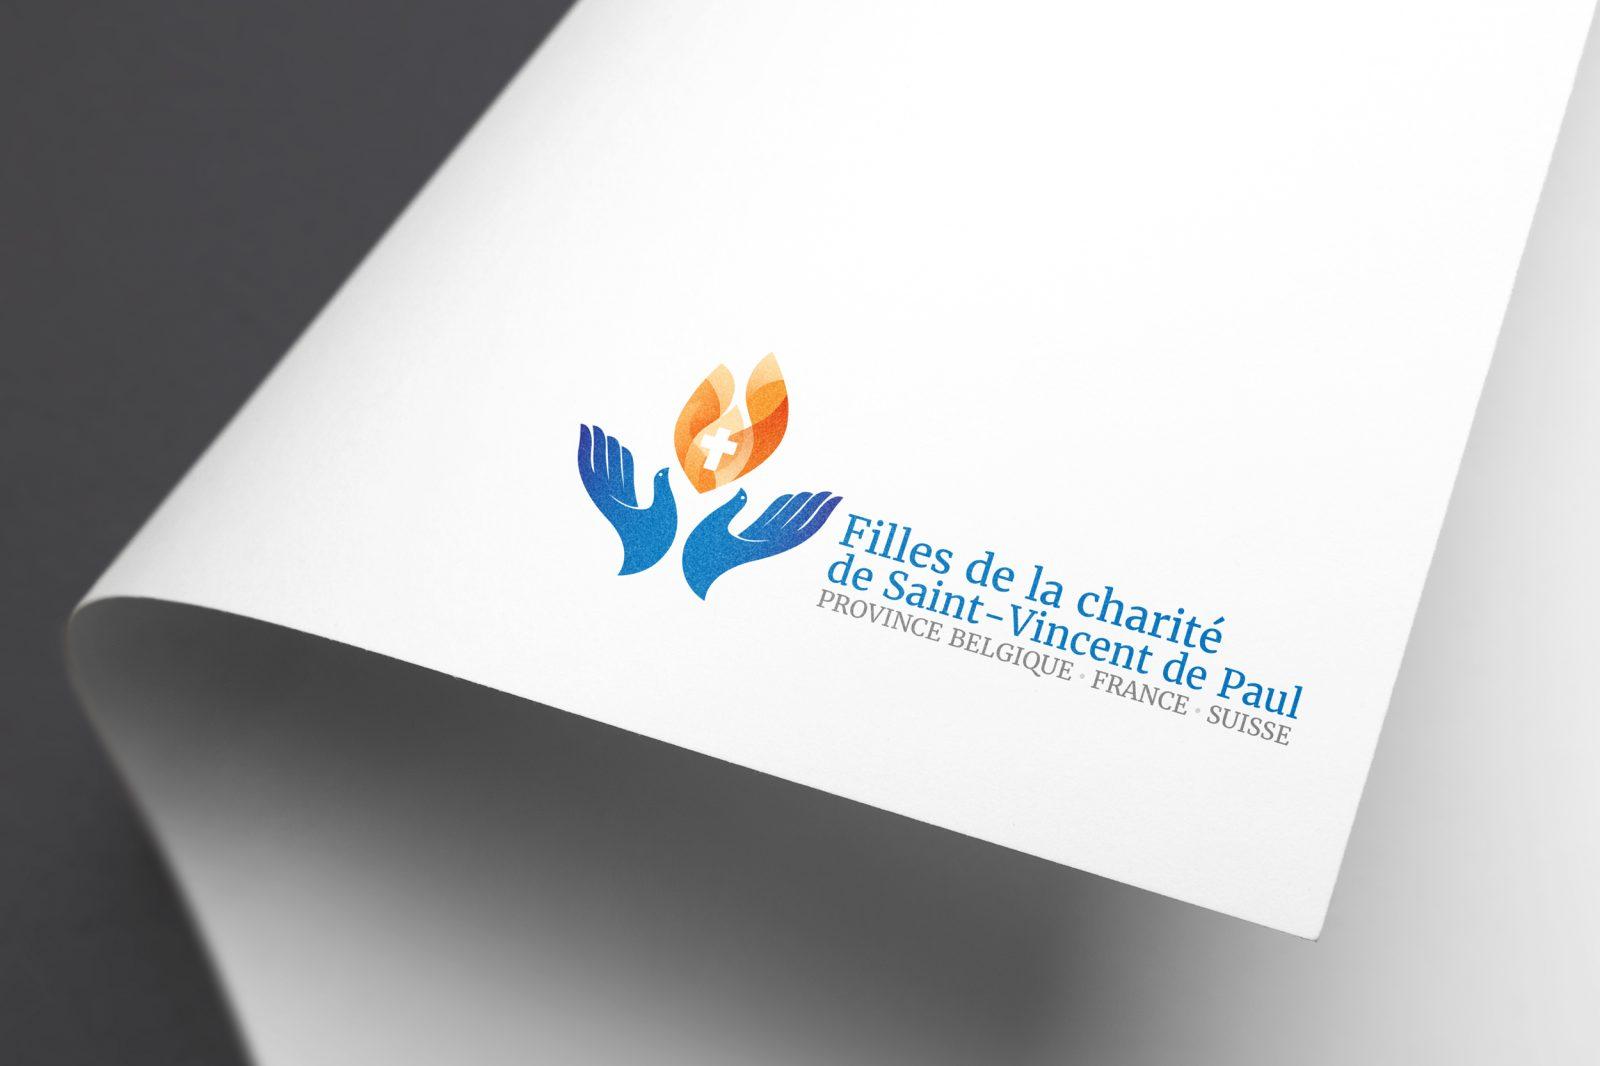 Logo -Filles de la charité  1